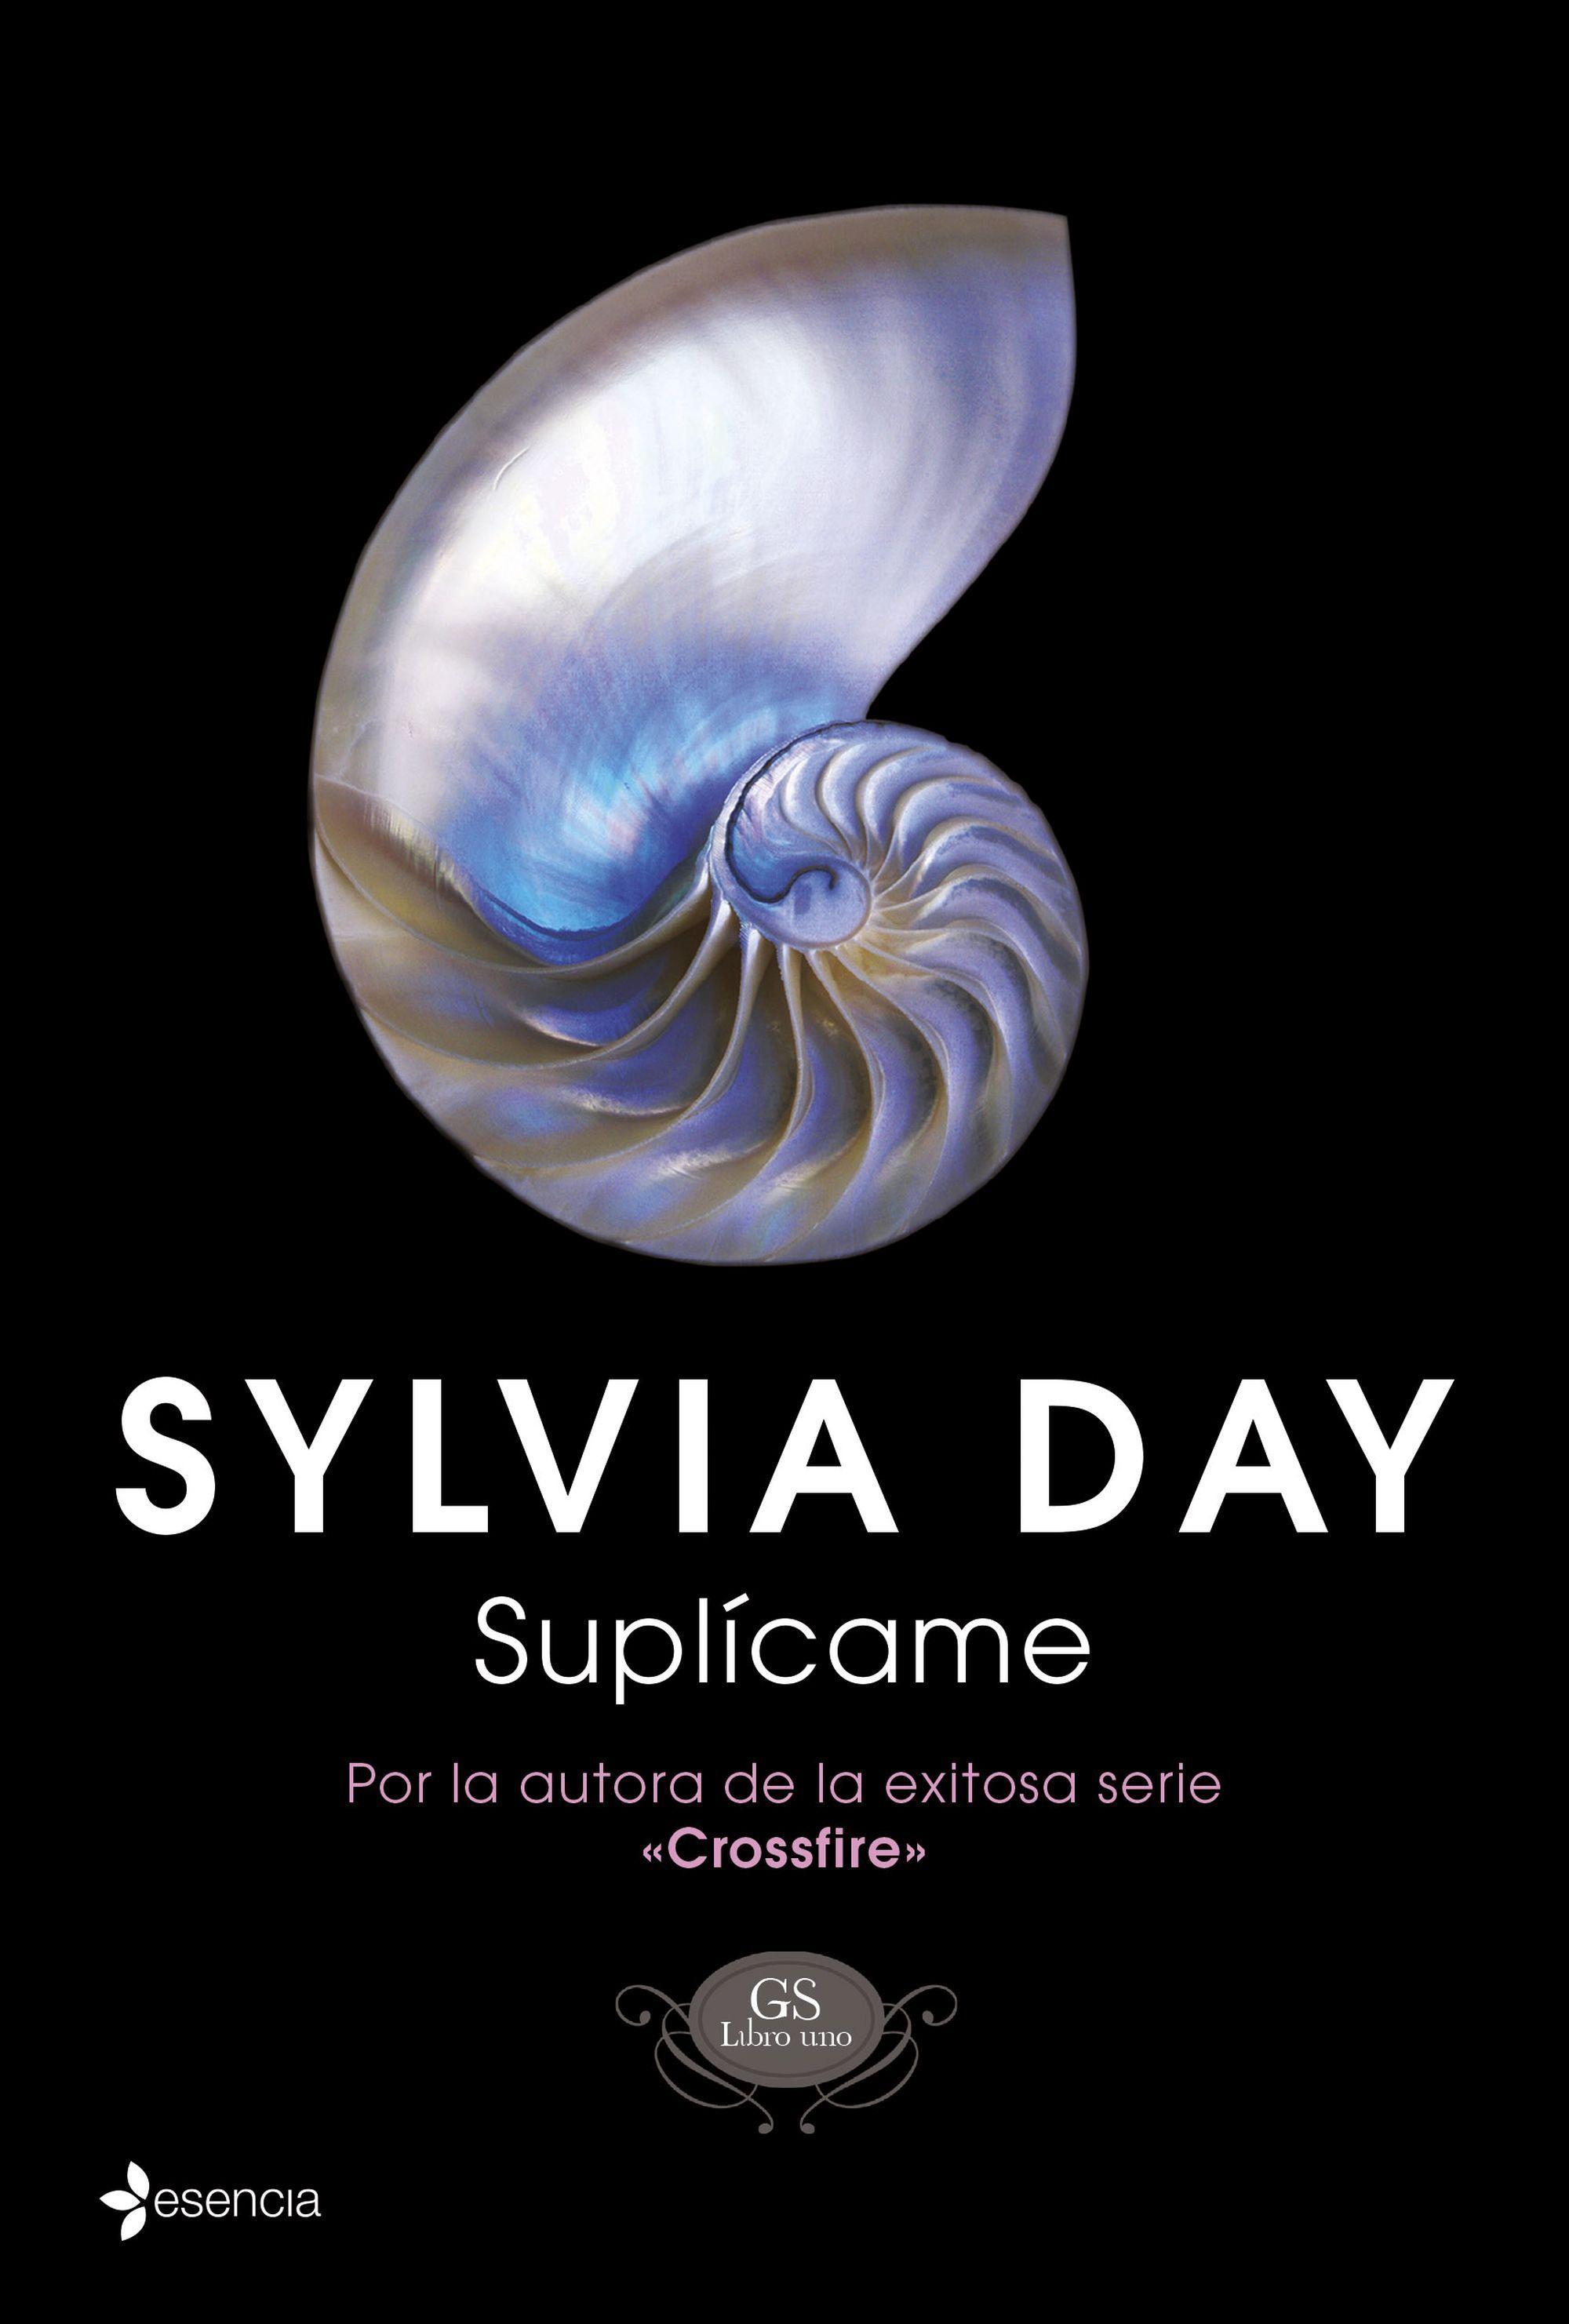 Suplícame De Sylvia Day Primer Volumen De La Nueva Serie De Sylvia Day Un Romance Con Grandes Dosis De Eroti Sylvia Day Leer Libros Online Libros De Romance